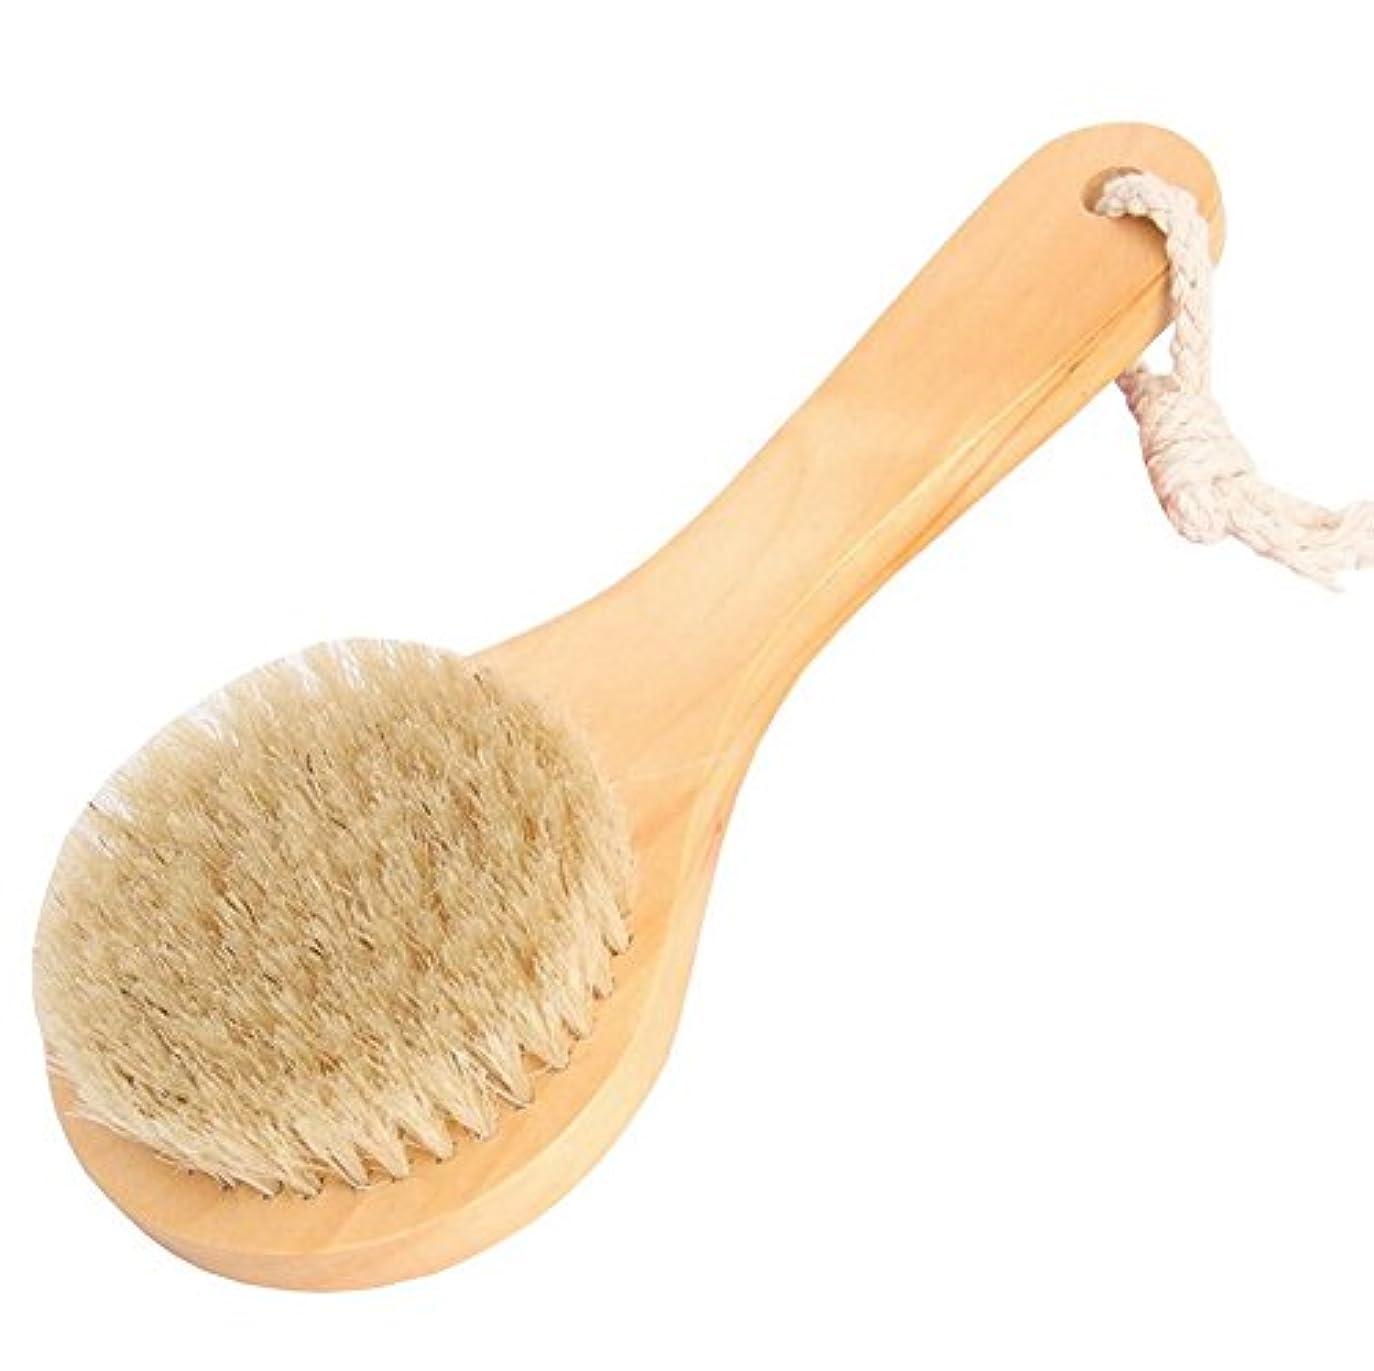 惑星役職主要なFoucome ボディブラシ ロング マッサージ 豚毛100% 長柄 角質除去 美肌効果 背中 最高品質 天然材 お風呂グッズ 毛穴洗浄 血行促進 イェロー S